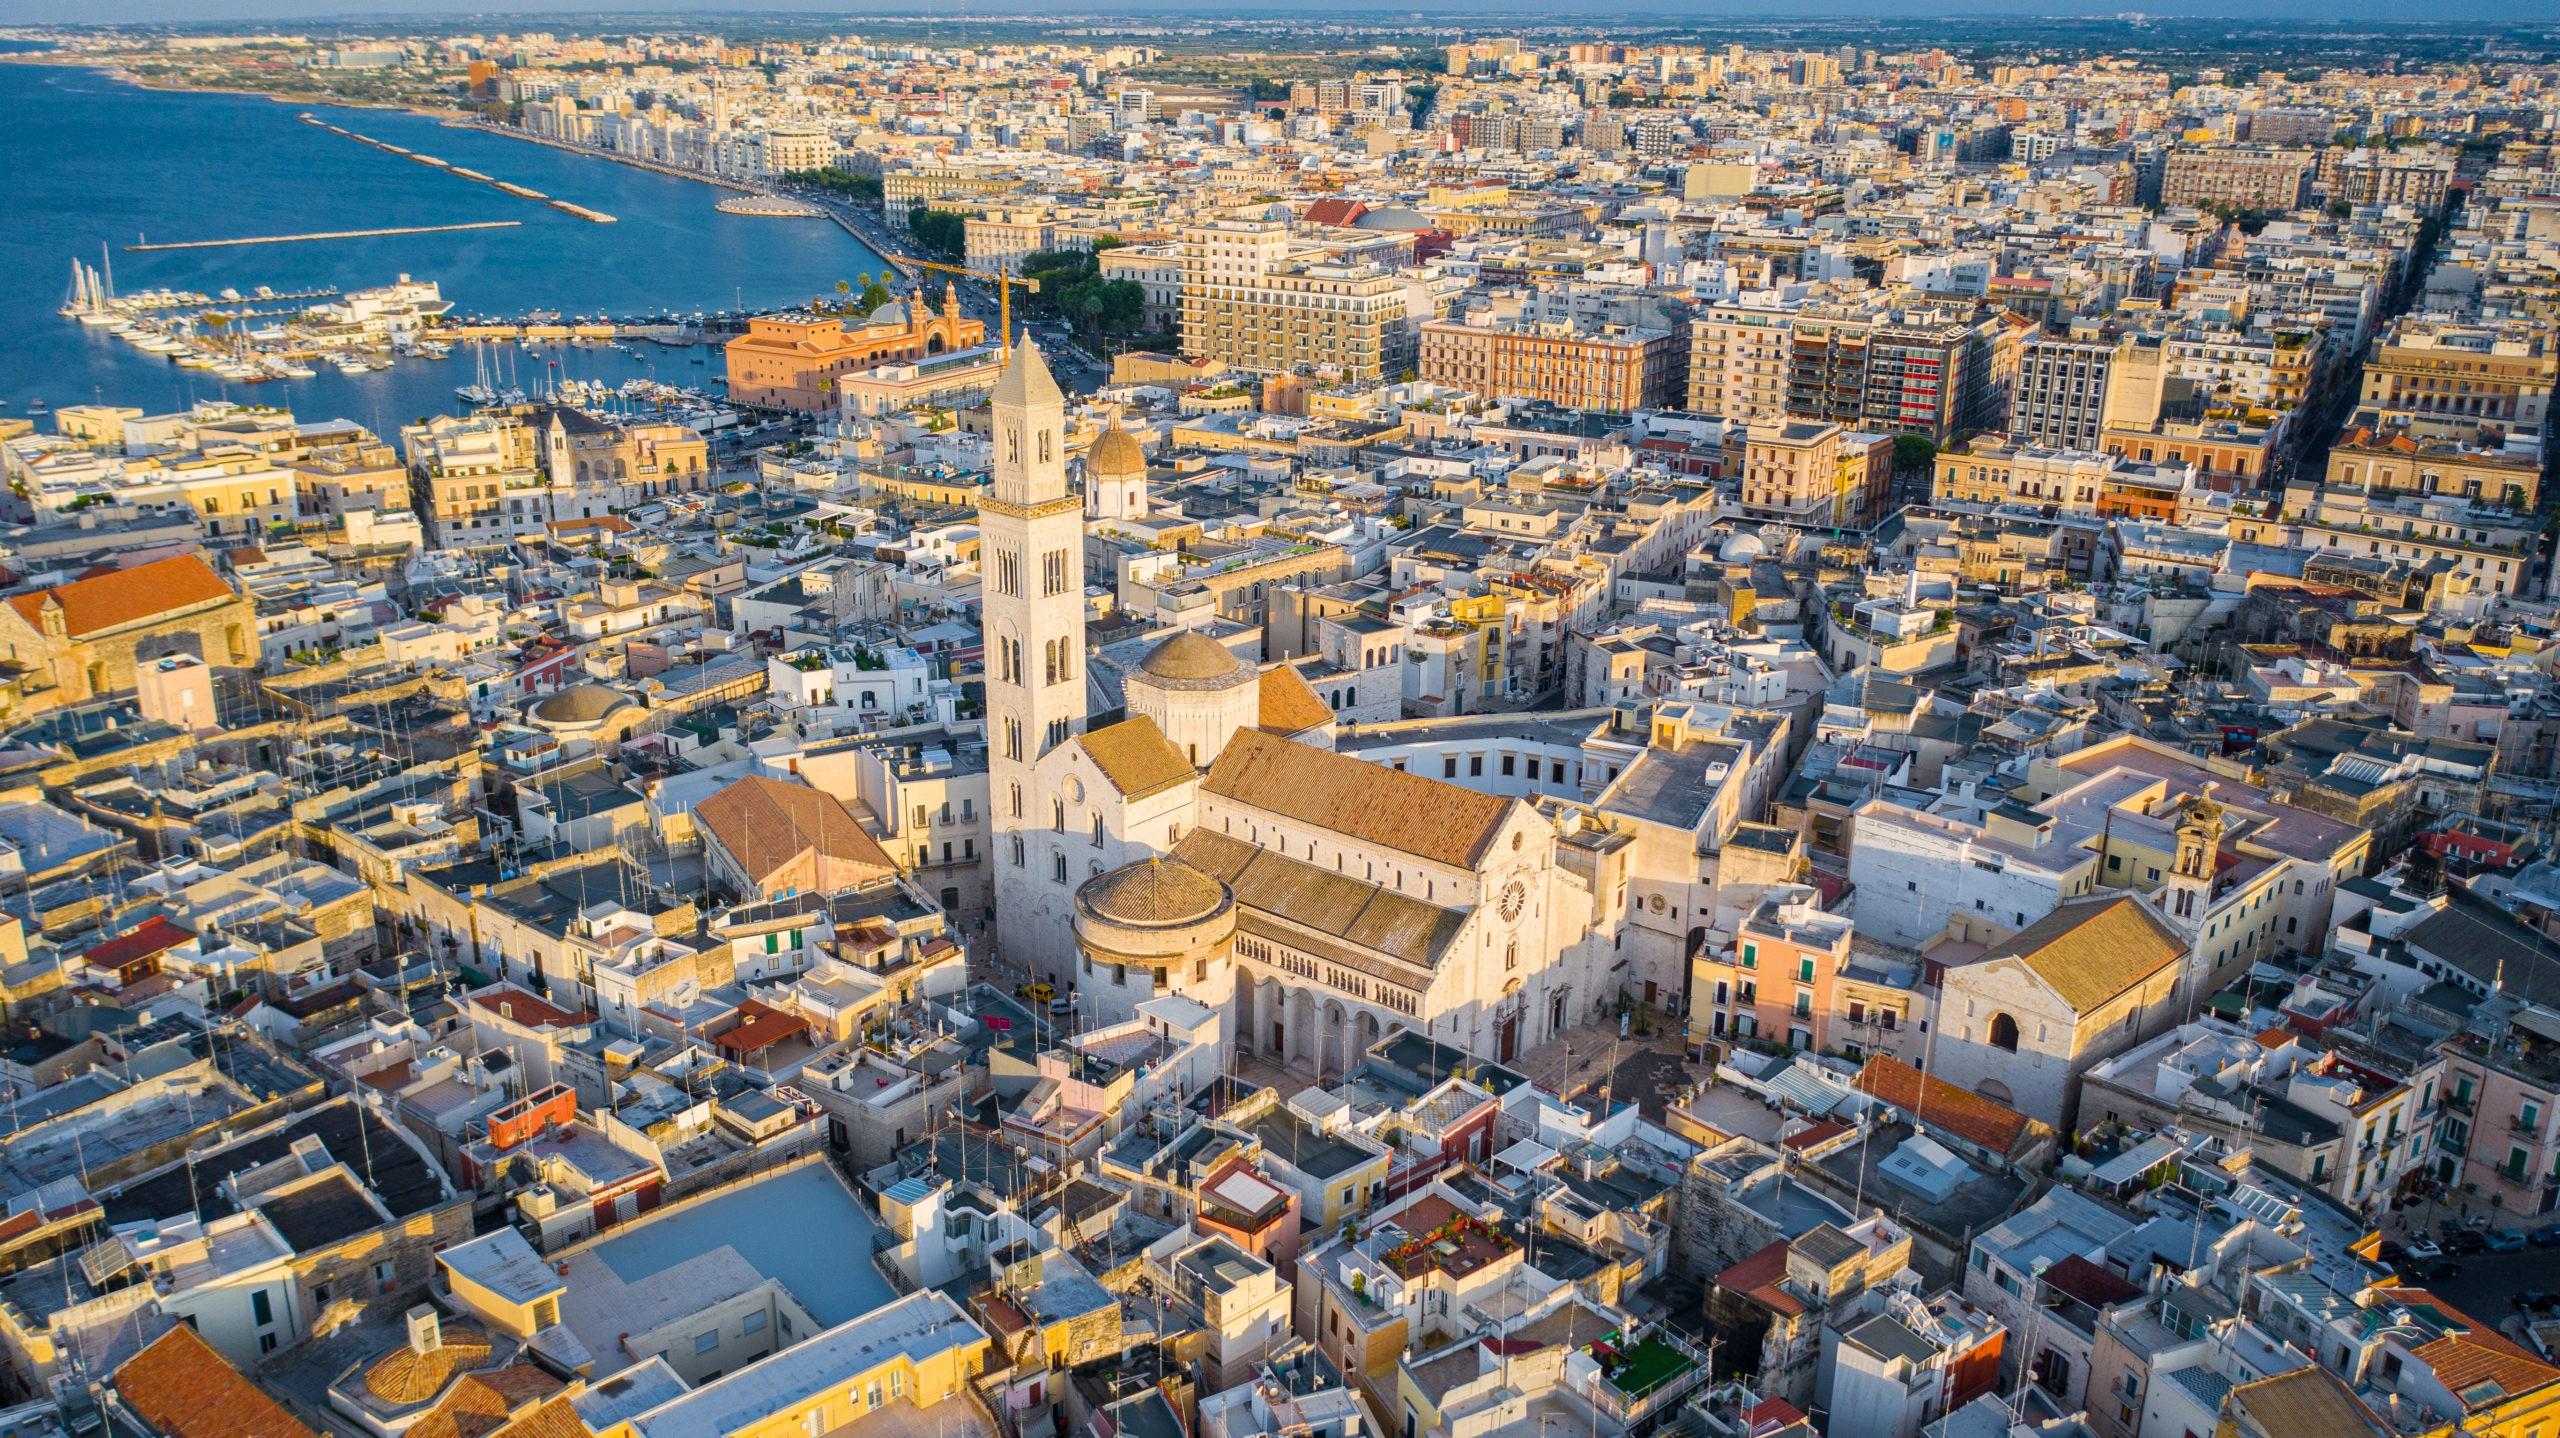 Komunikacja miejska w Bari